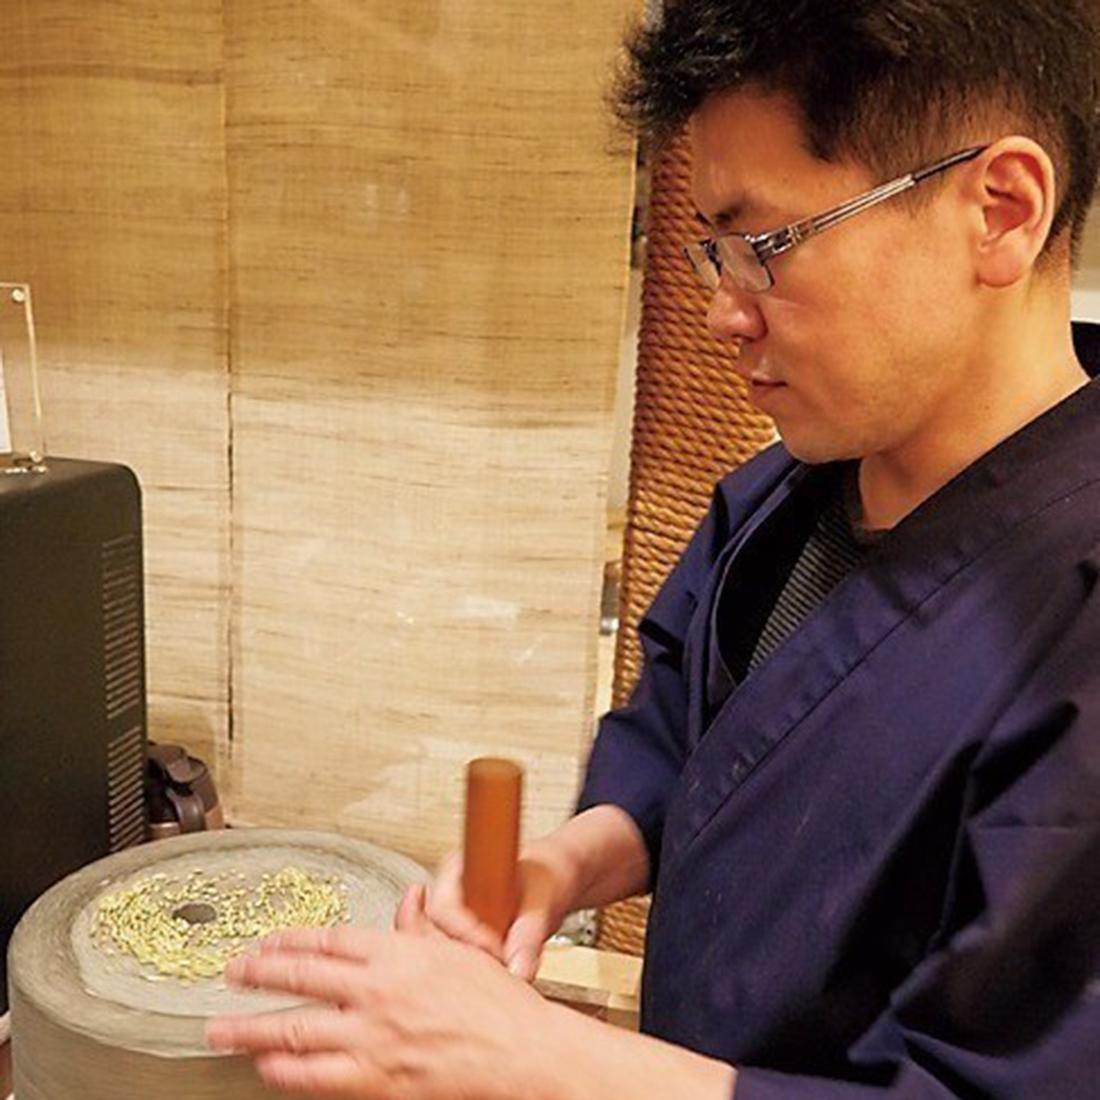 「現代の江戸蕎麦」を追求する、店主の矢守昭久氏。